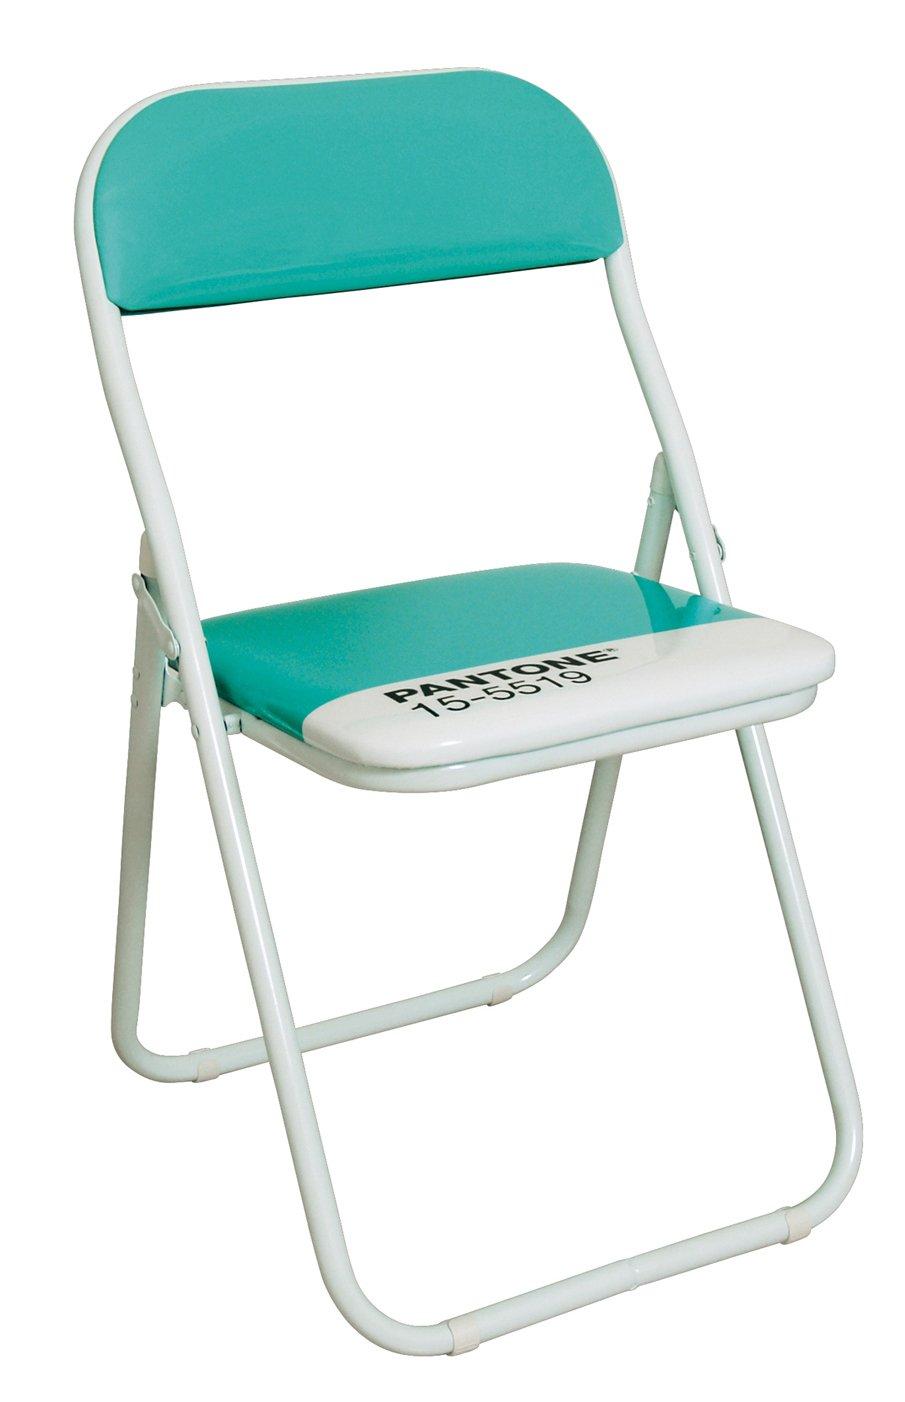 sedie low cost 15 modelli a meno di 100 euro cose di casa. Black Bedroom Furniture Sets. Home Design Ideas